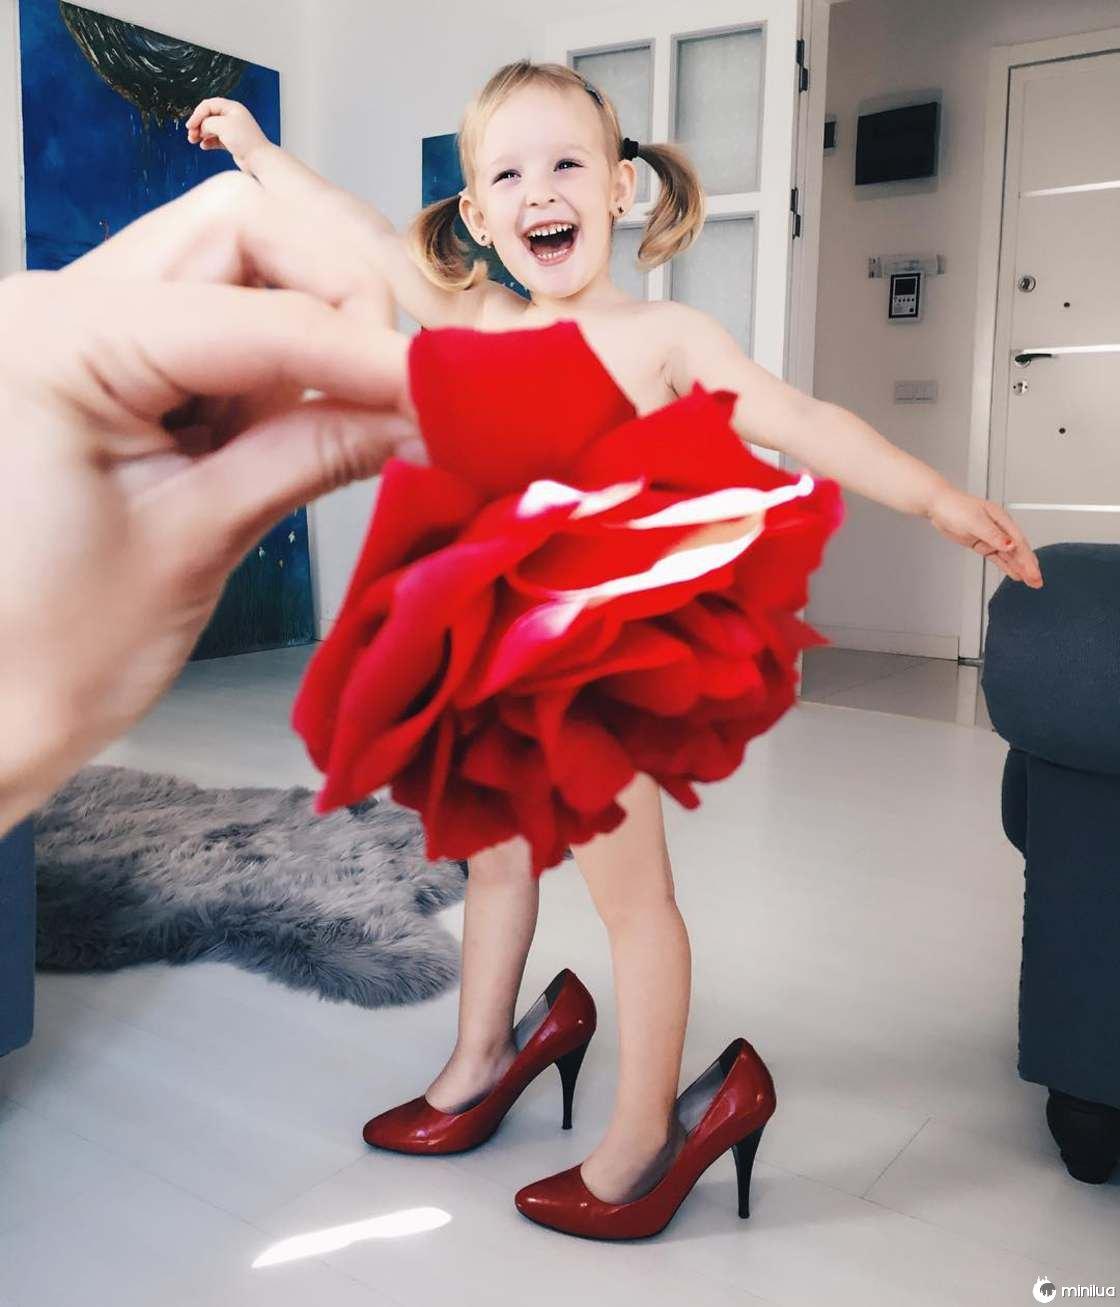 Mãe e Filha De 3 Anos Fazem Sucesso No Instagram Com Os Seus Criativos Vestidos 9